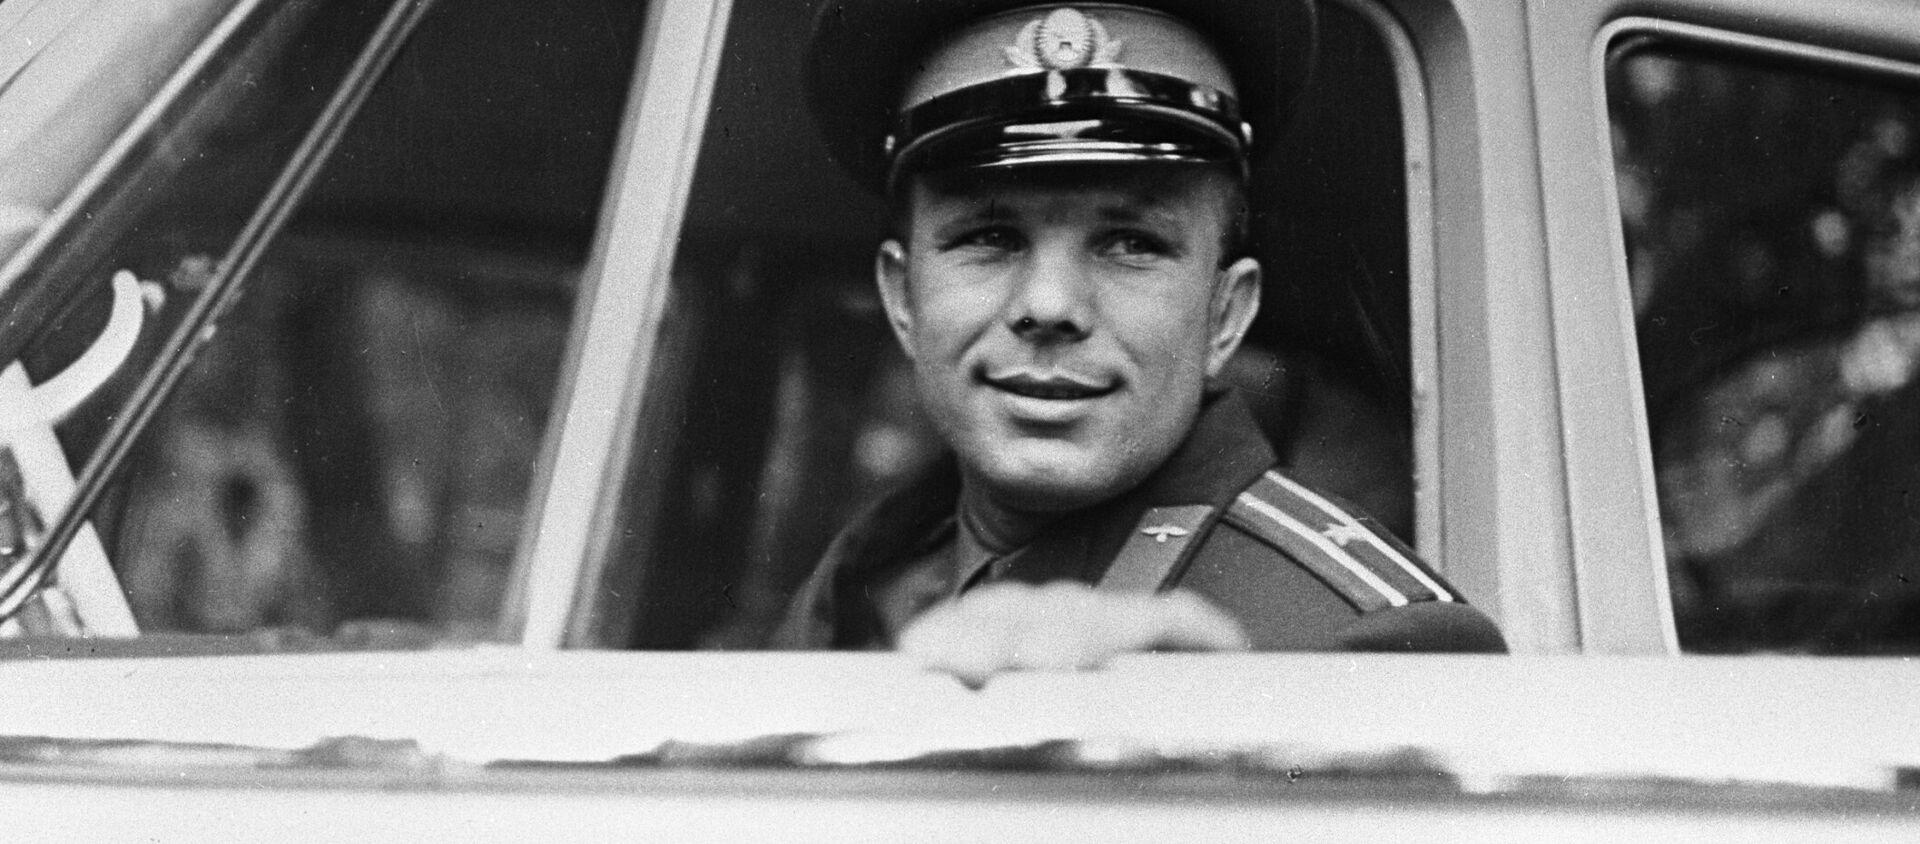 Nhà du hành vũ trụ đầu tiên của thế giới, Anh hùng Liên Xô Yuri Gagarin. - Sputnik Việt Nam, 1920, 12.04.2021